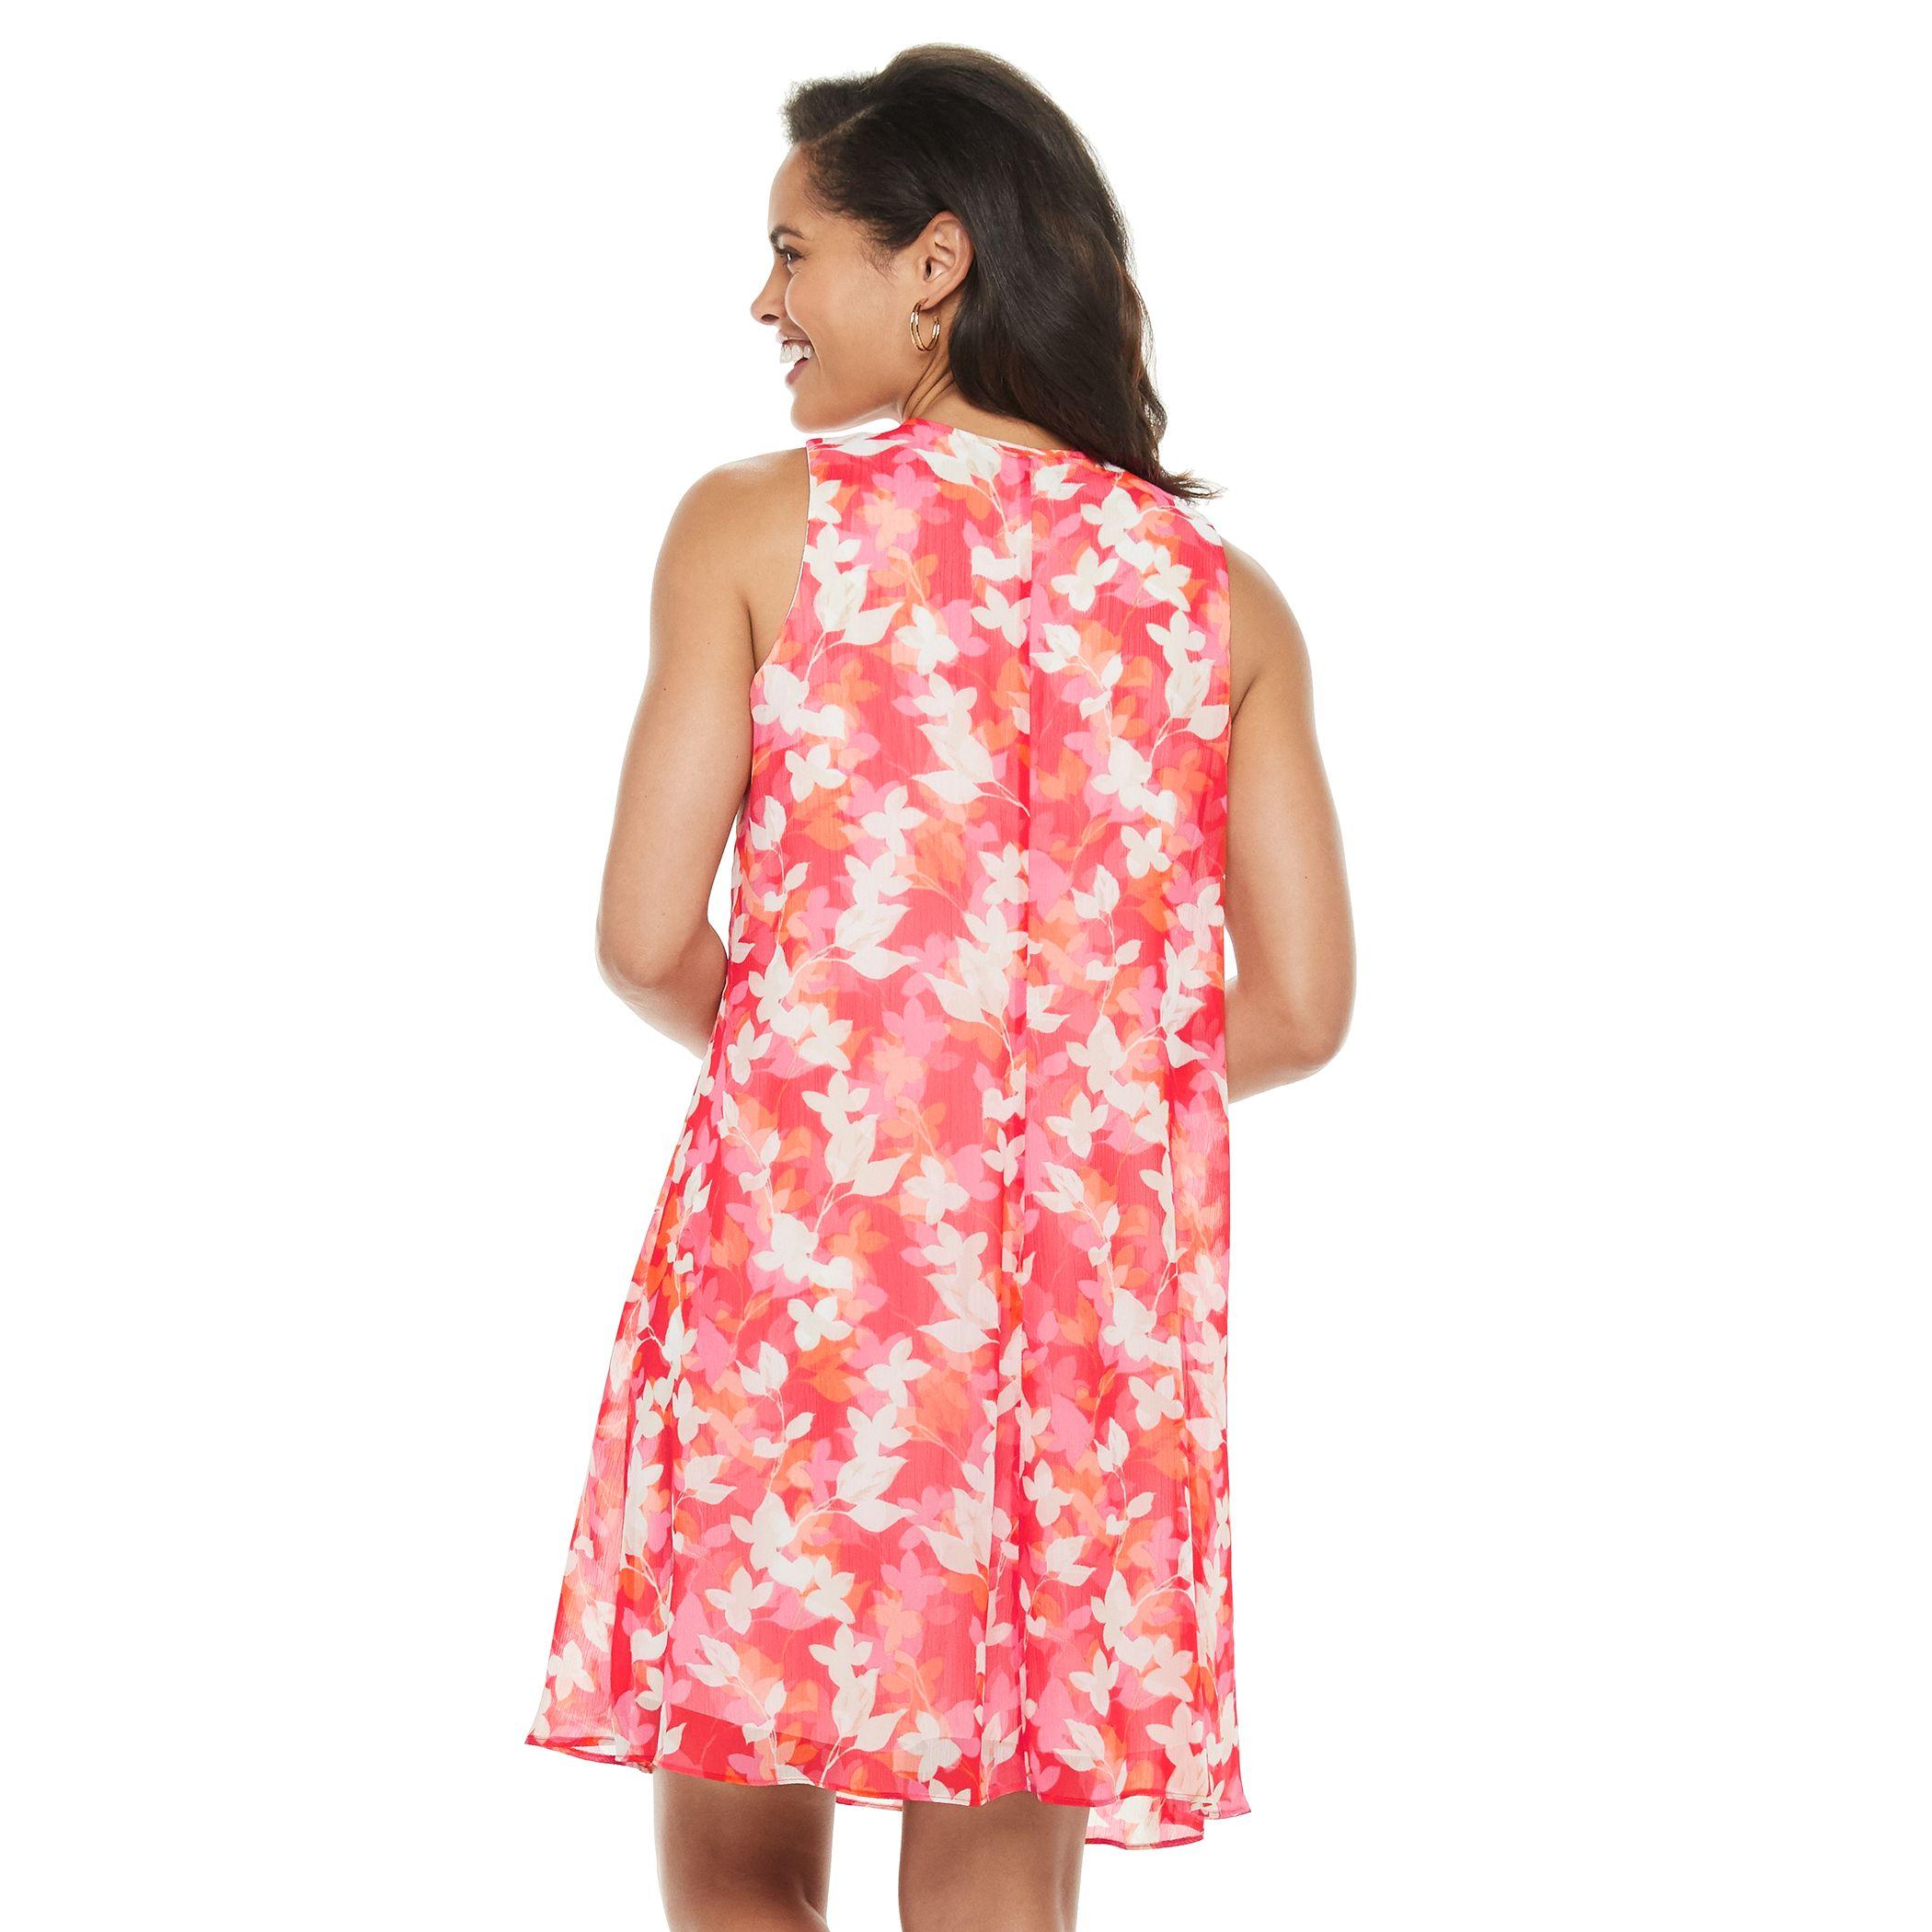 Petite Chaps Floral Trapeze Dress